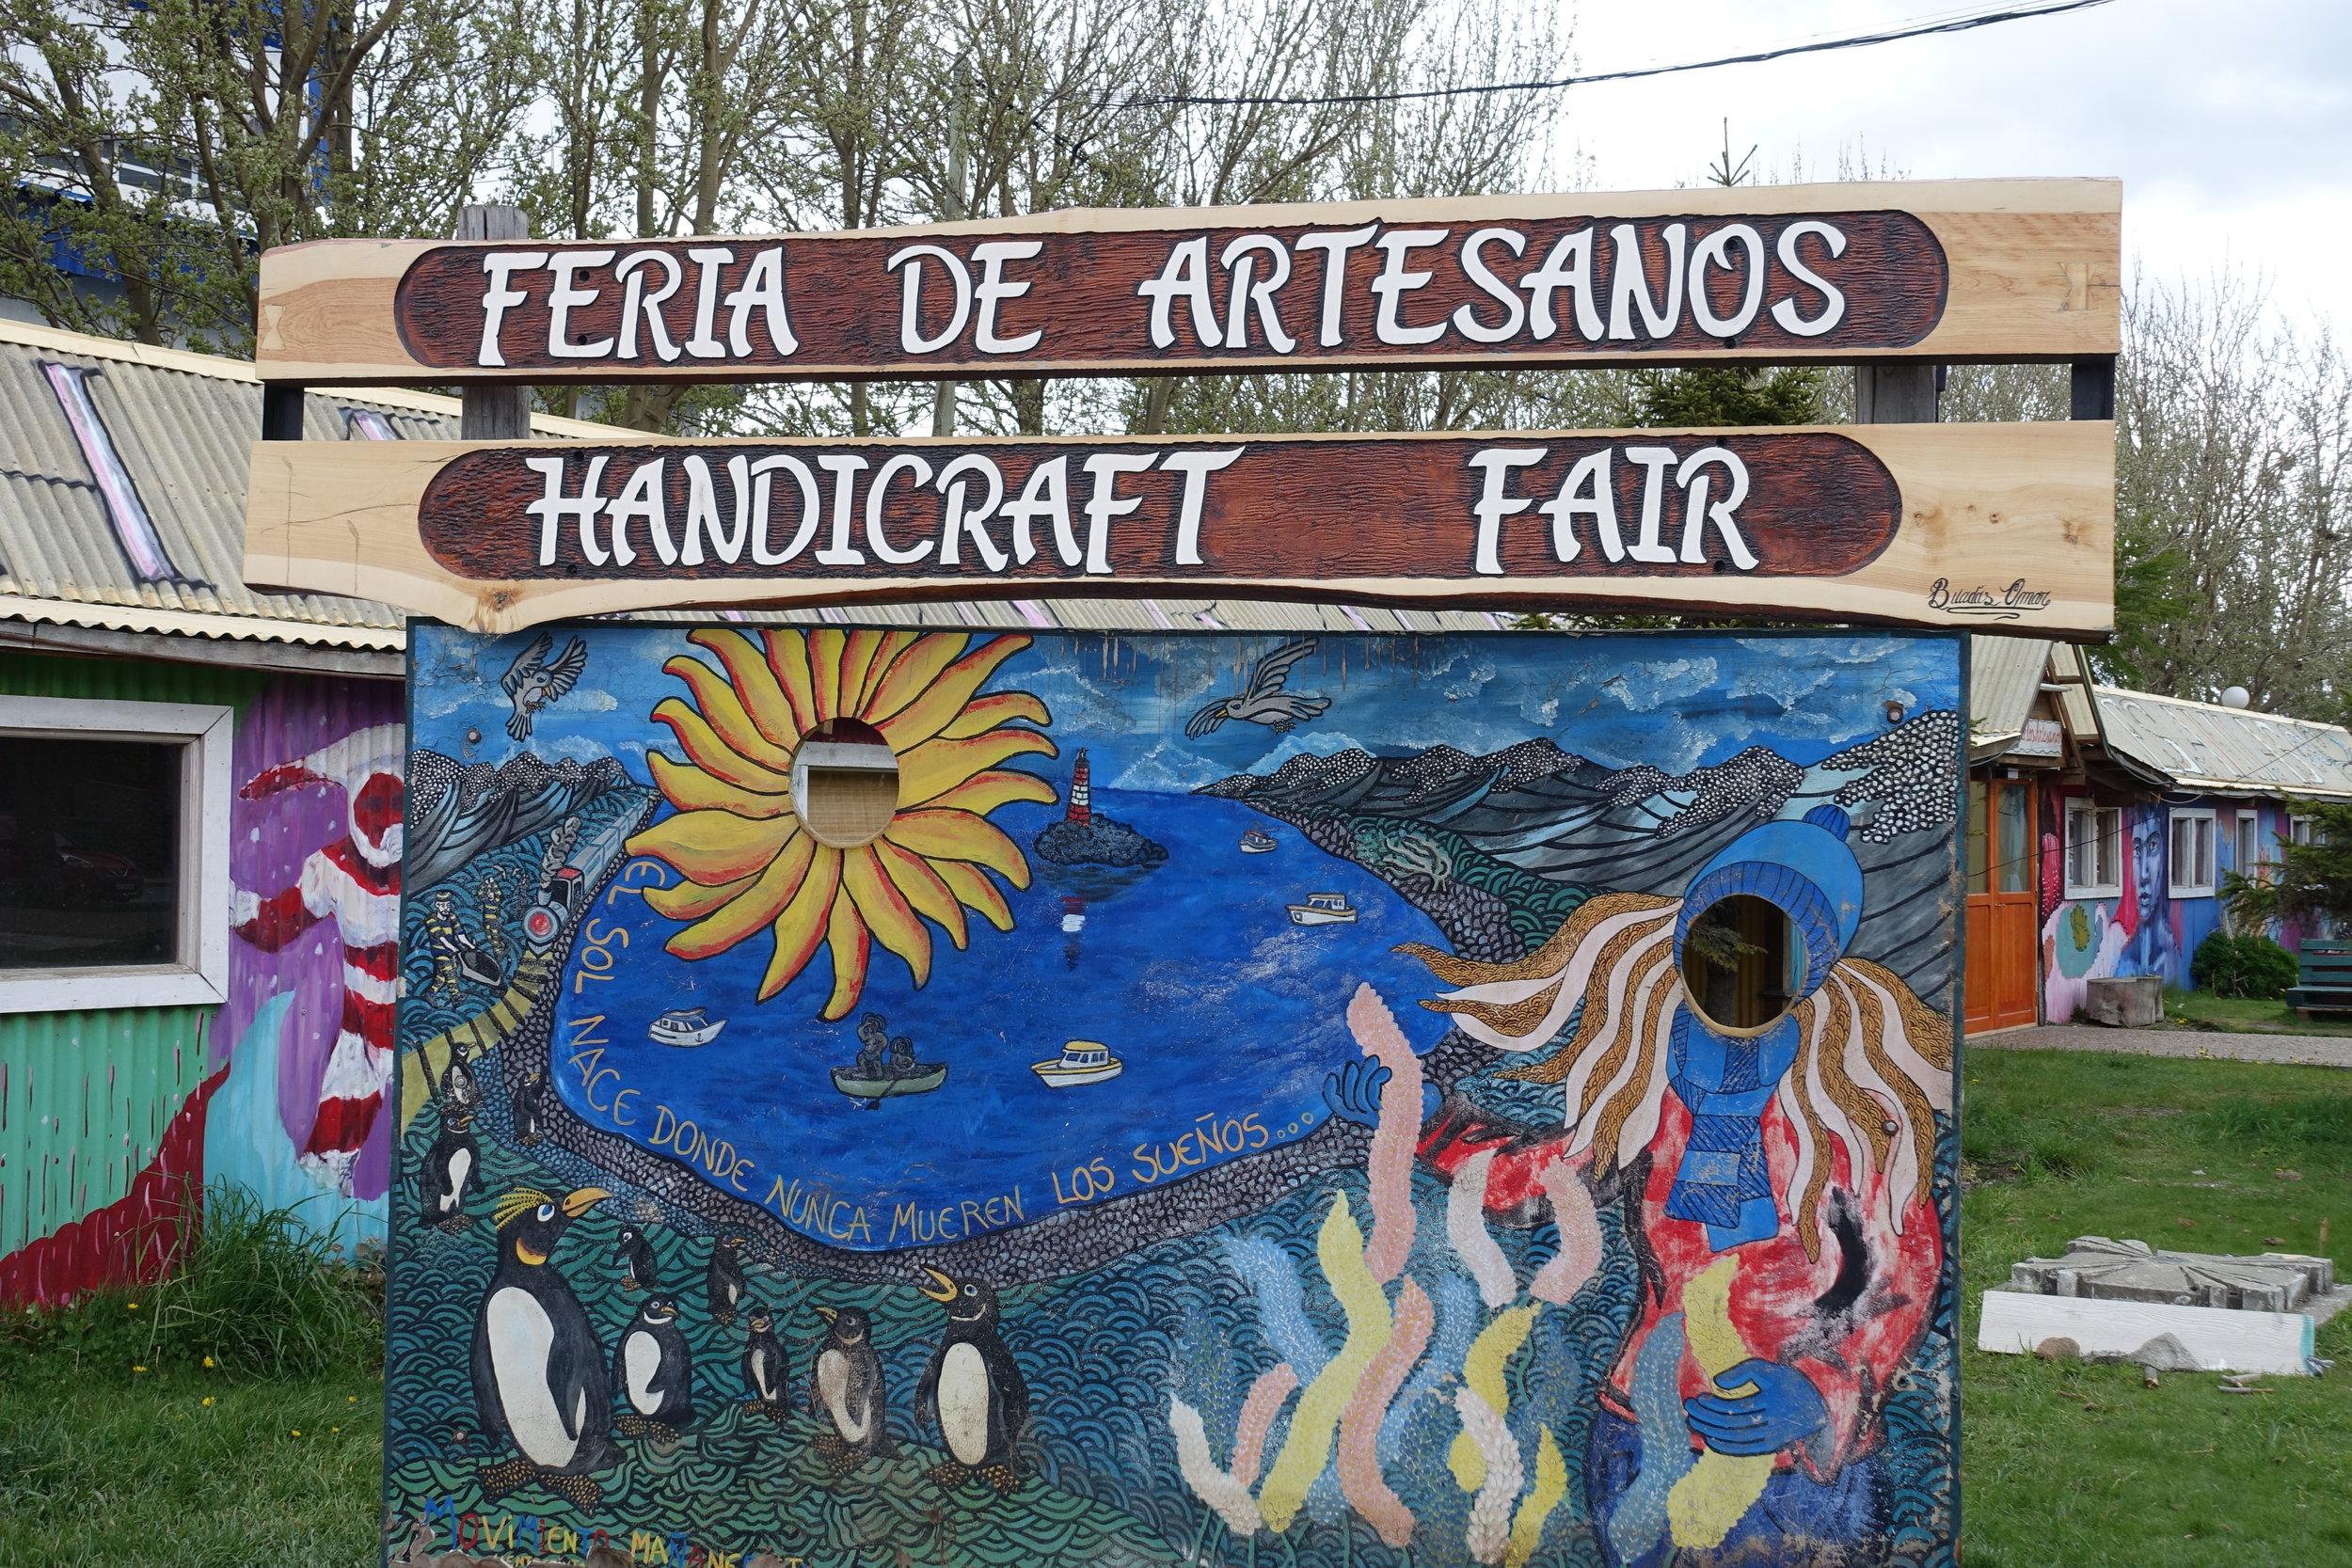 Feria de Artesonos